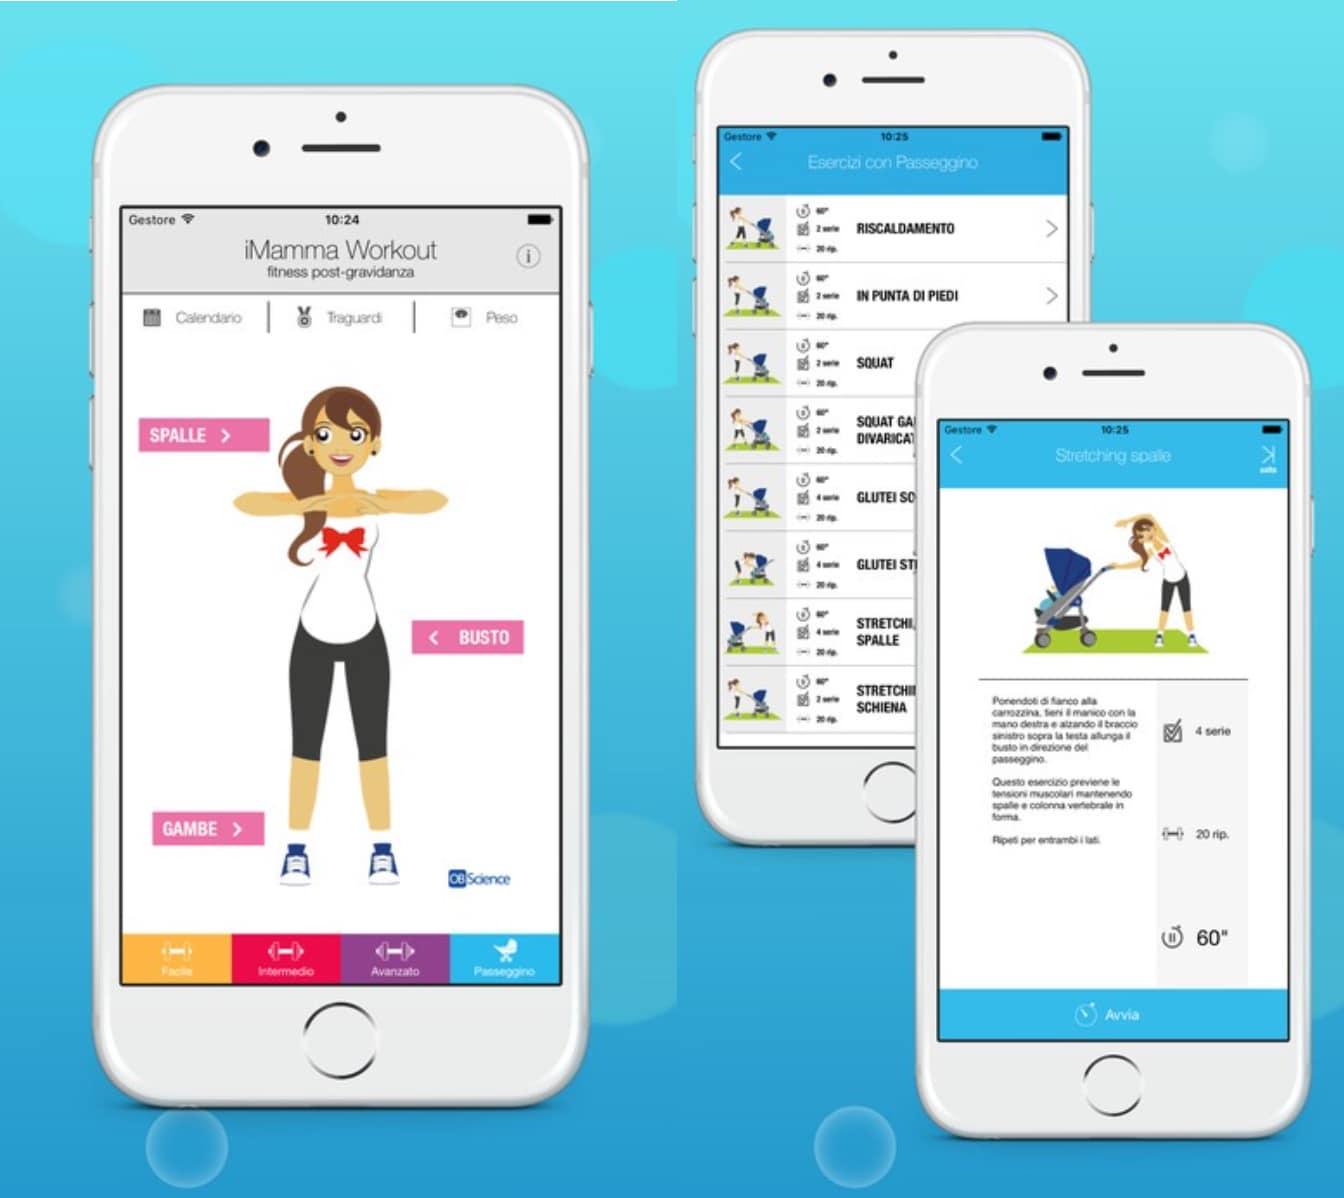 Anonimo sesso Apps iPhone risposte alle domande sul sito di incontri